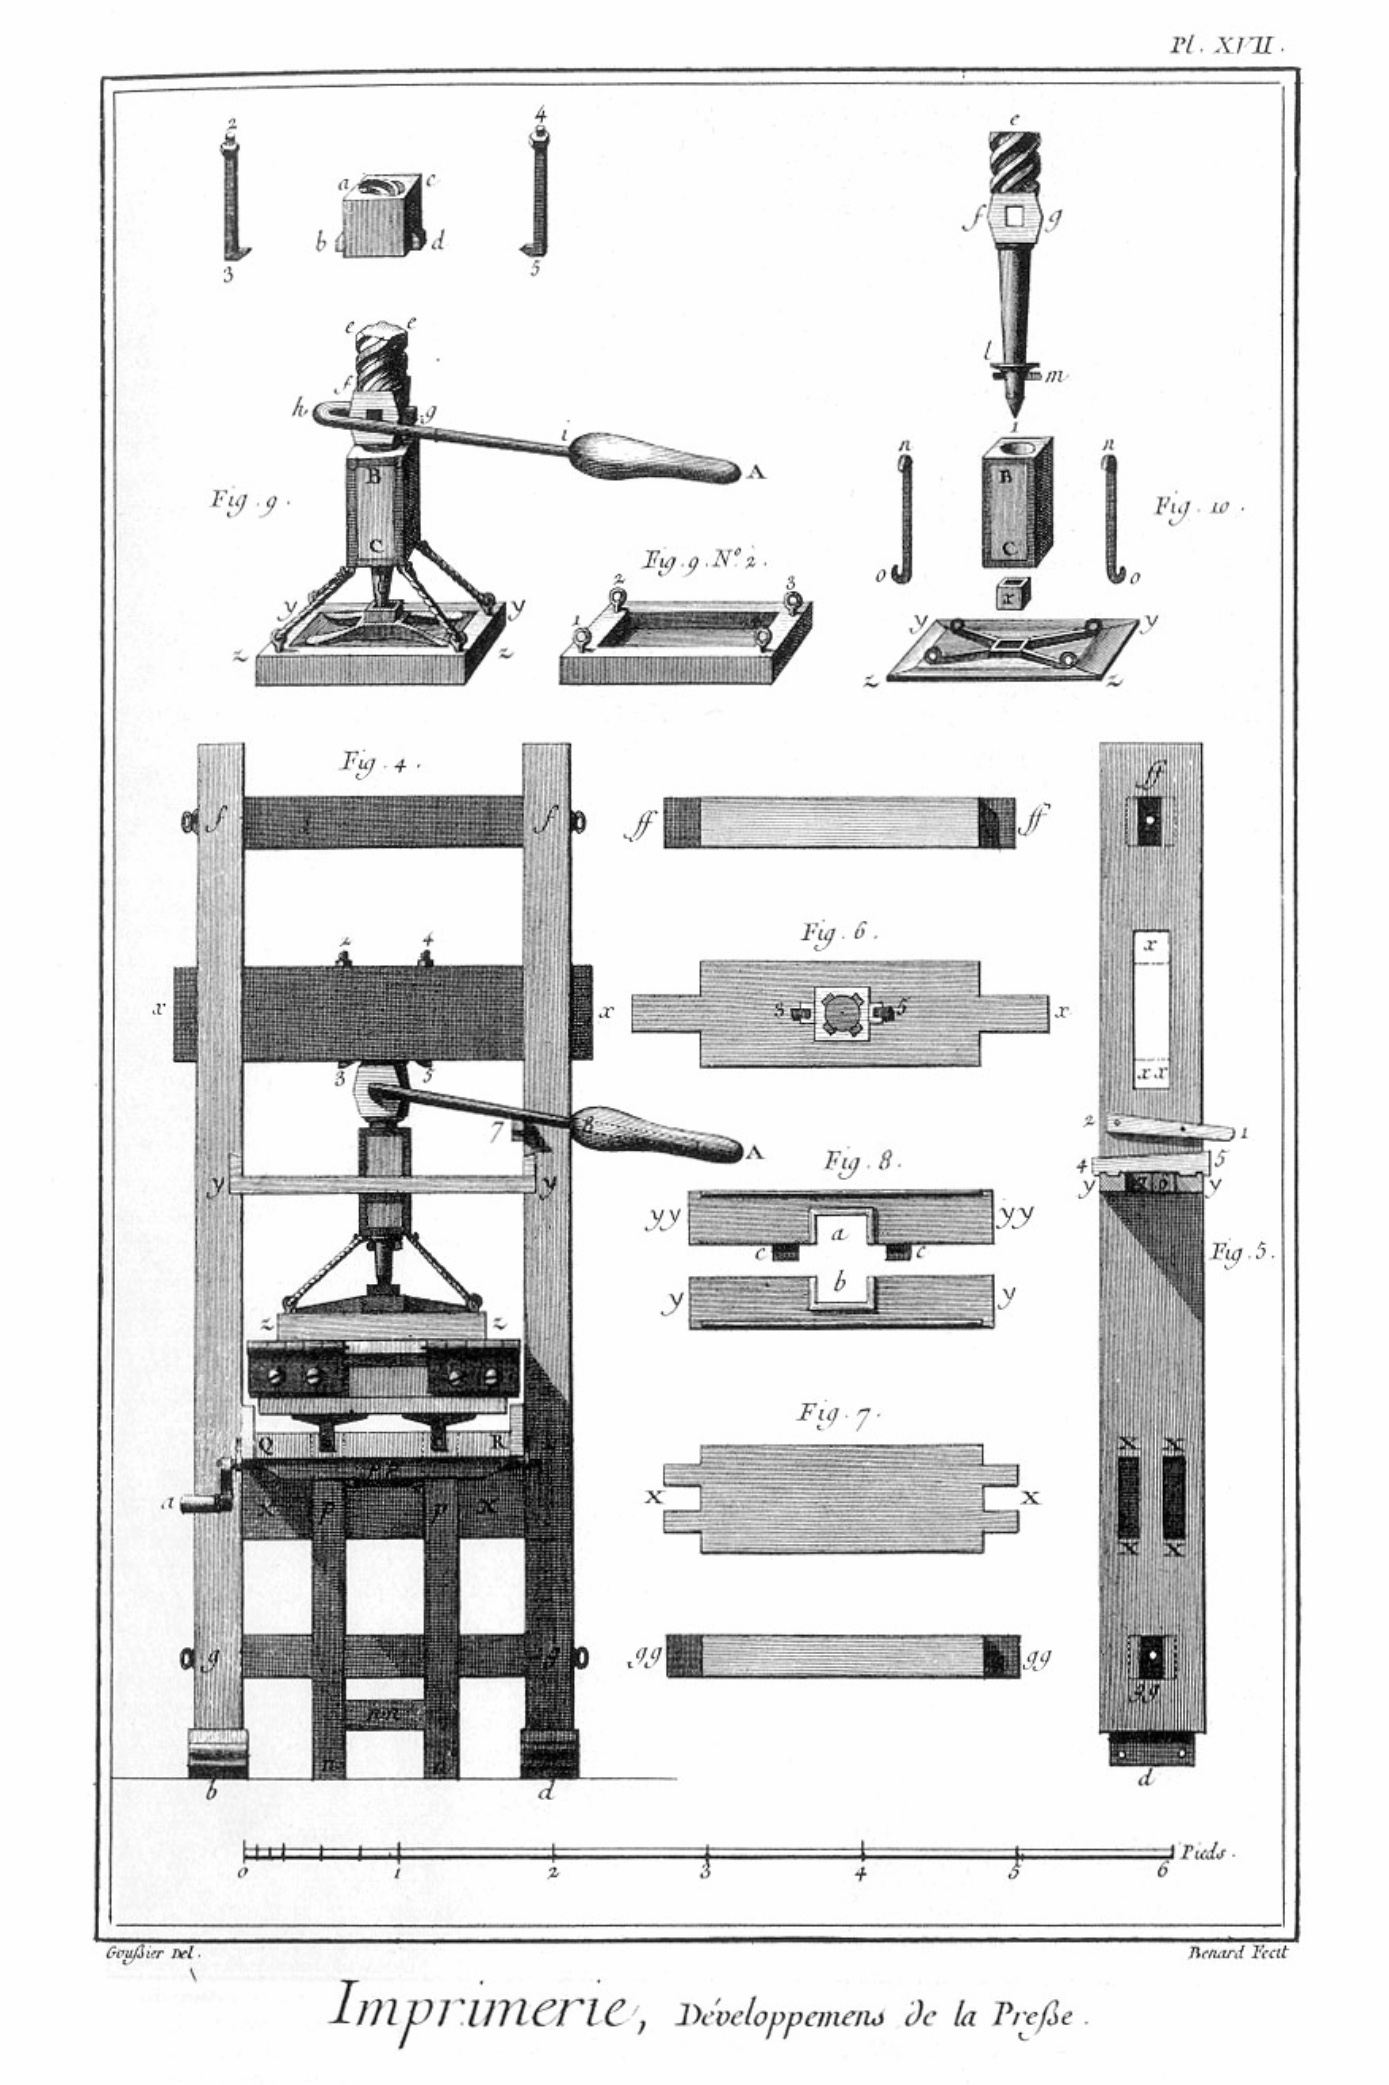 «Imprimerie en lettres», gravure de Louis-Jacques Goussier et Robert Benard, sixième volume des planches de l'Encyclopédie, Paris, 1768, planche XVII